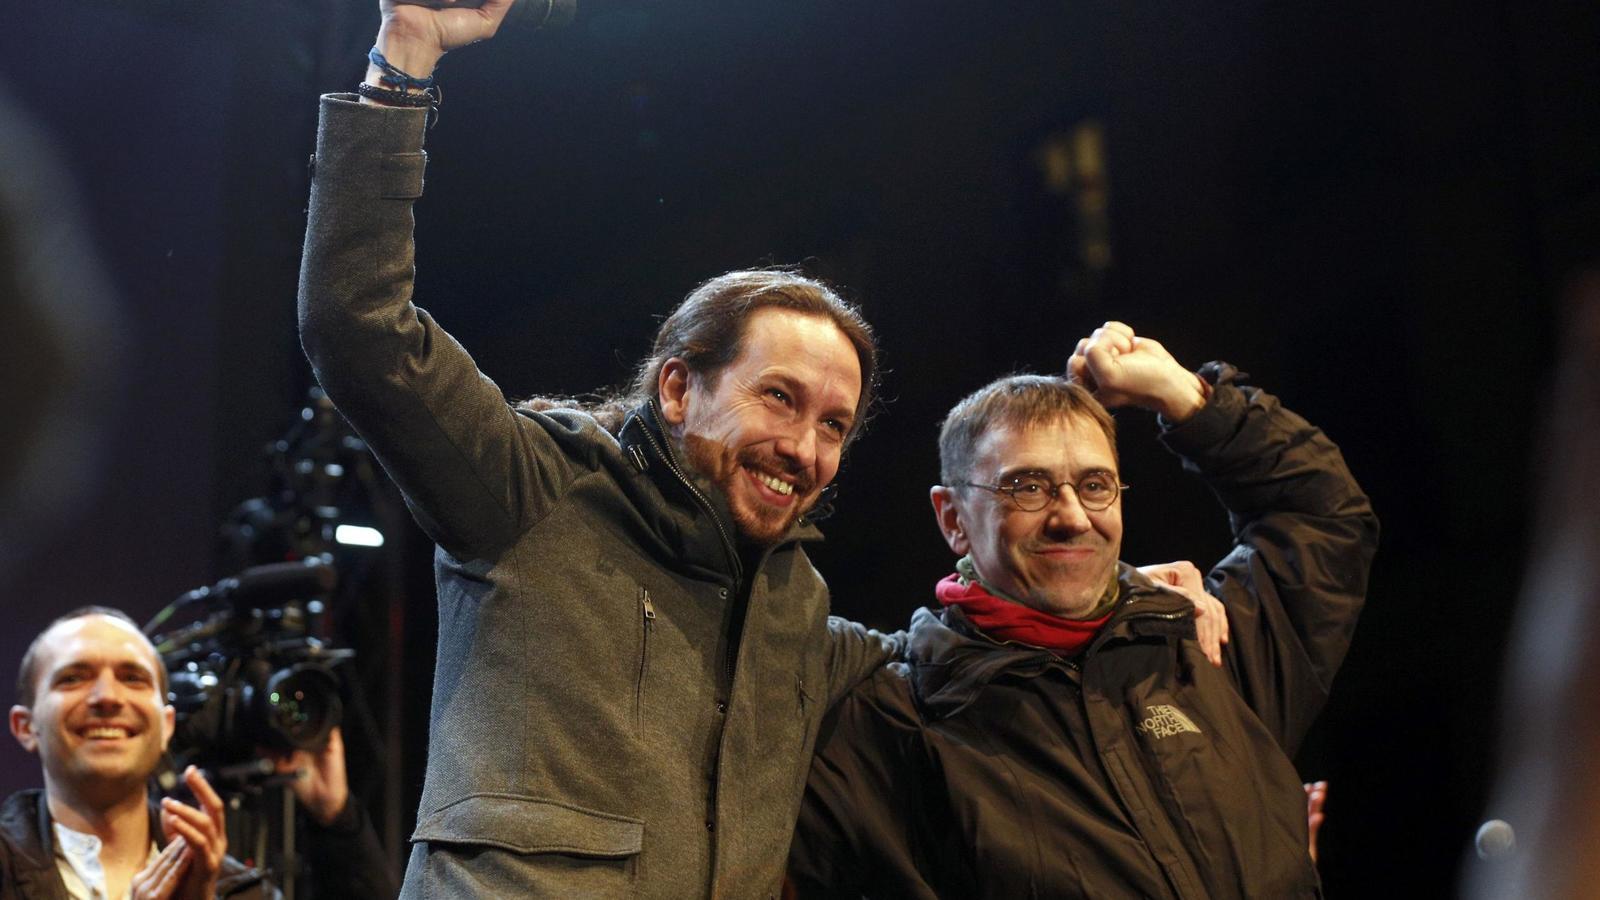 La impactante foto que Iglesias y Monedero no han podido ocultar: sonrientes y abrazados con la escolta de Maduro